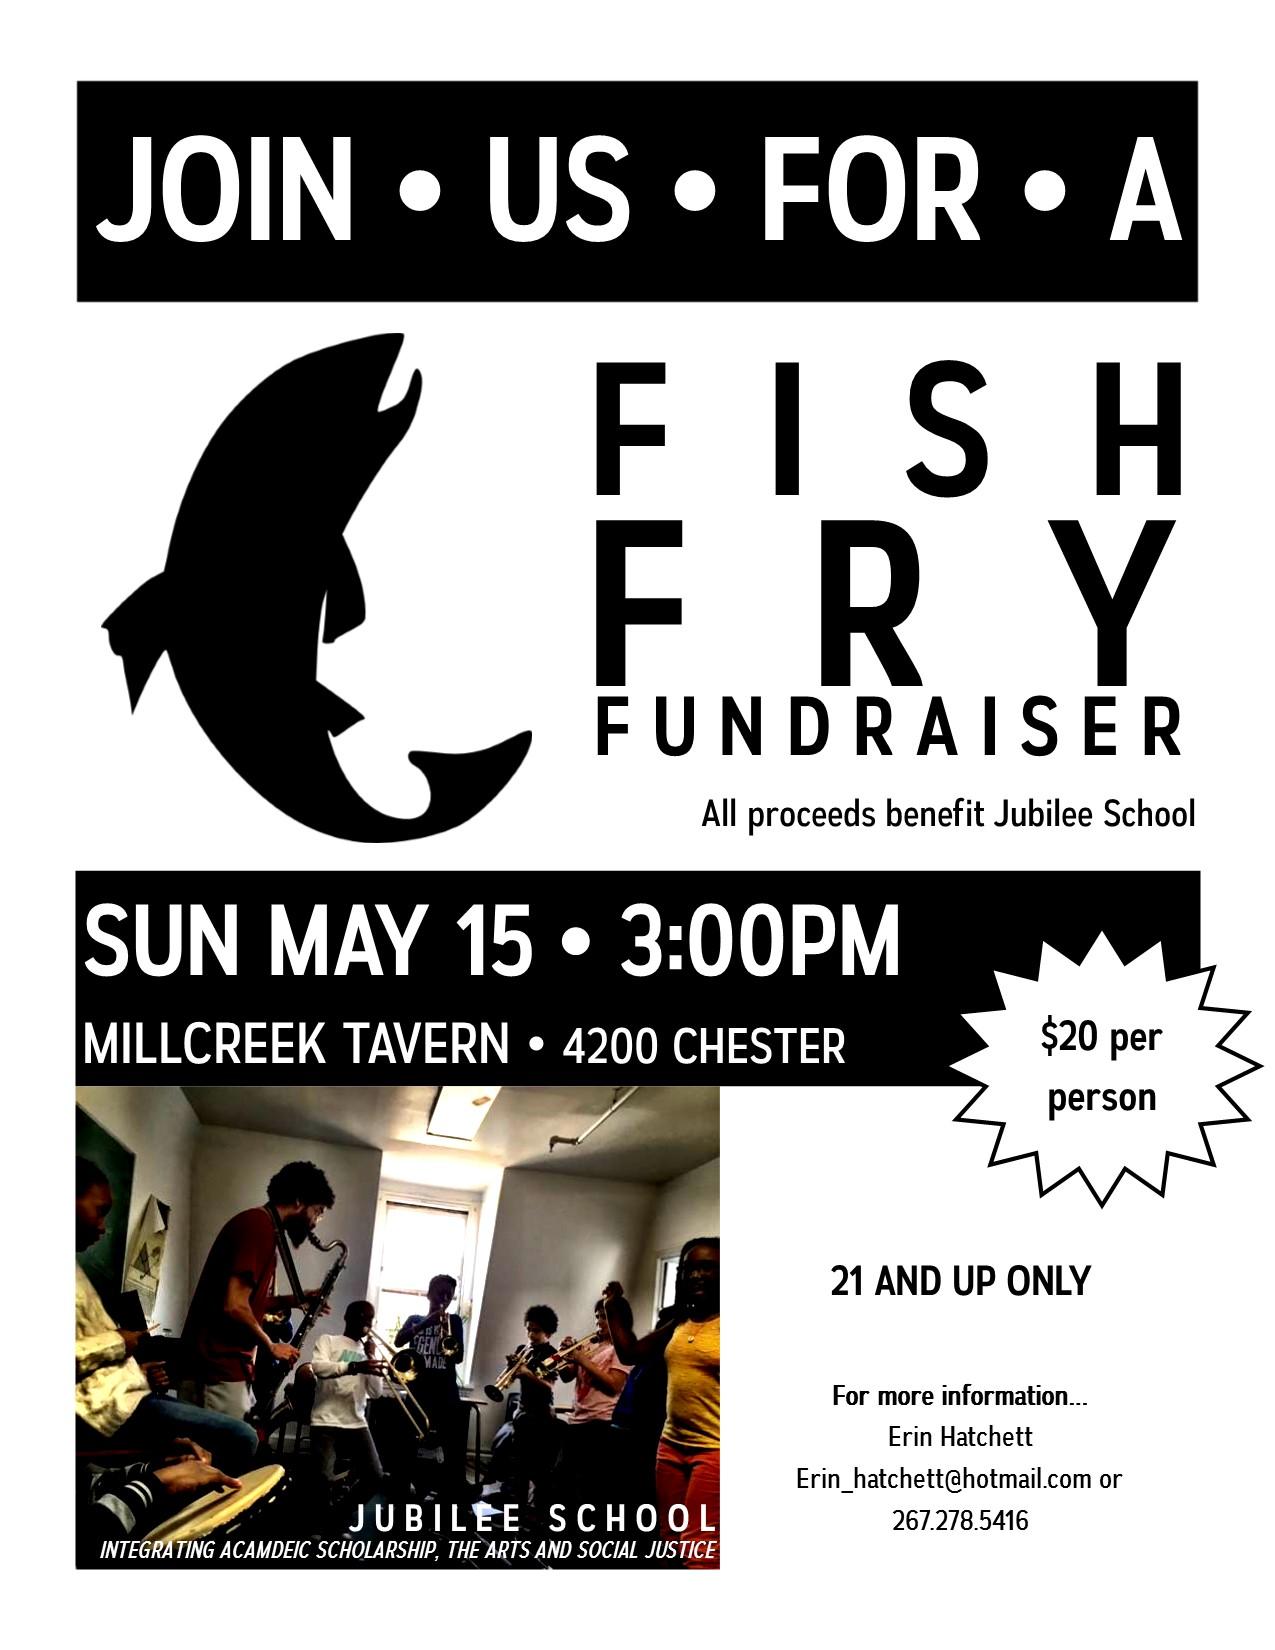 jubilee school fish fry fundraiser jubilee school fish fry flyer